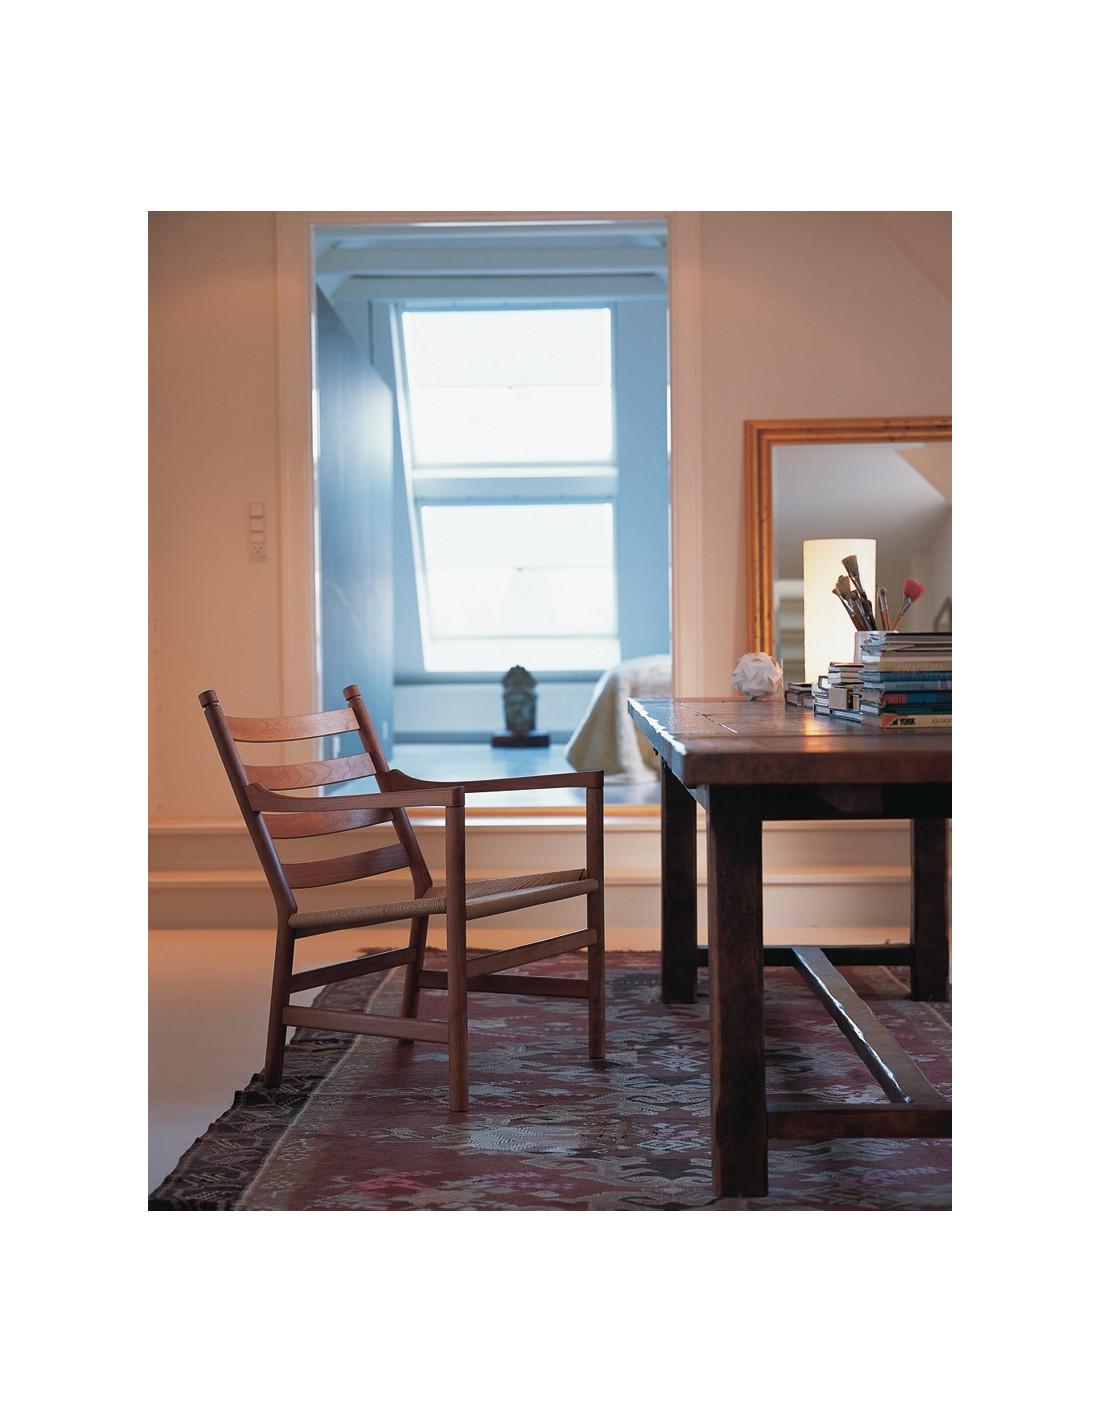 fauteuil ch44 design hans wegner pour carl hansen la boutique danoise. Black Bedroom Furniture Sets. Home Design Ideas